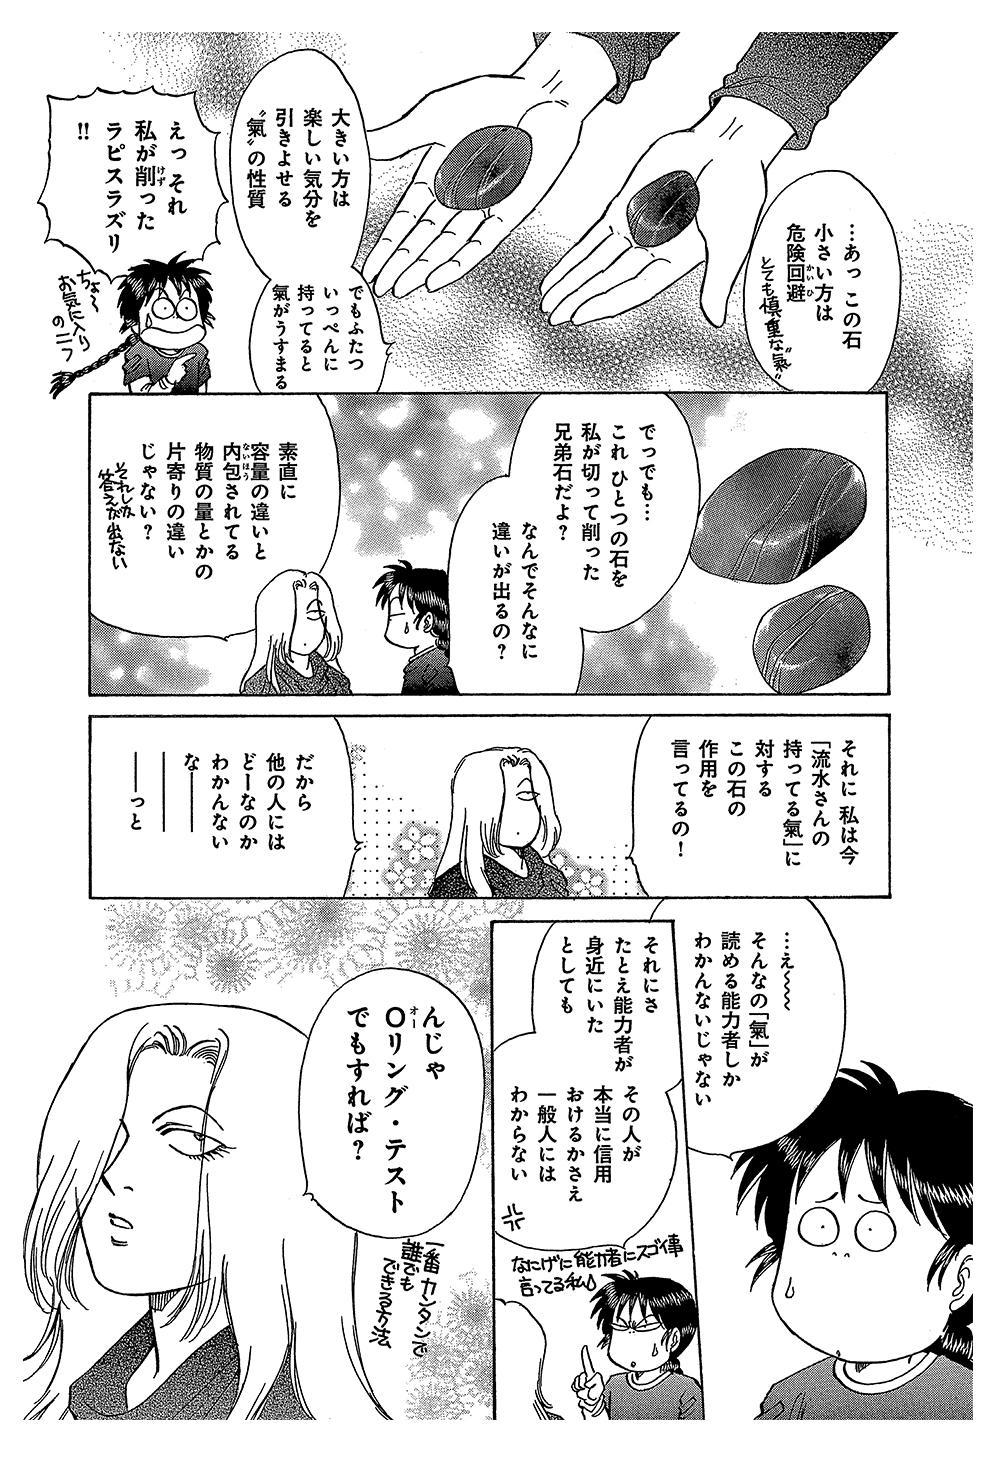 オカルト万華鏡 第1話 ②oka19.jpg